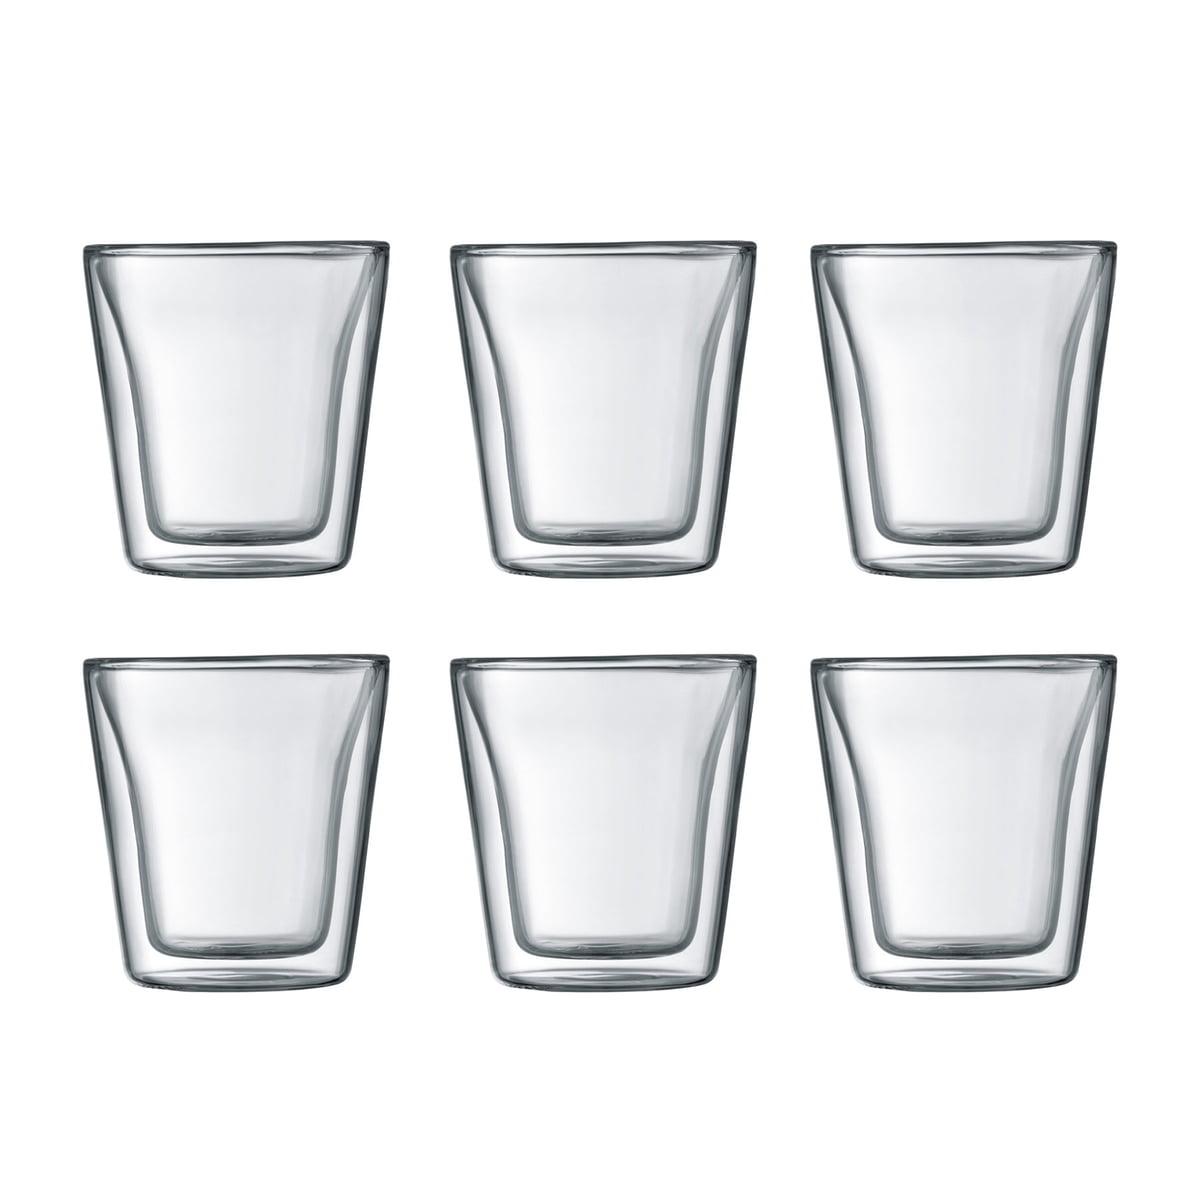 Bodum - Canteen Glas, doppelwandig, 0,1 l, transparent (6er-Set) | Küche und Esszimmer > Besteck und Geschirr > Gläser | Bodum